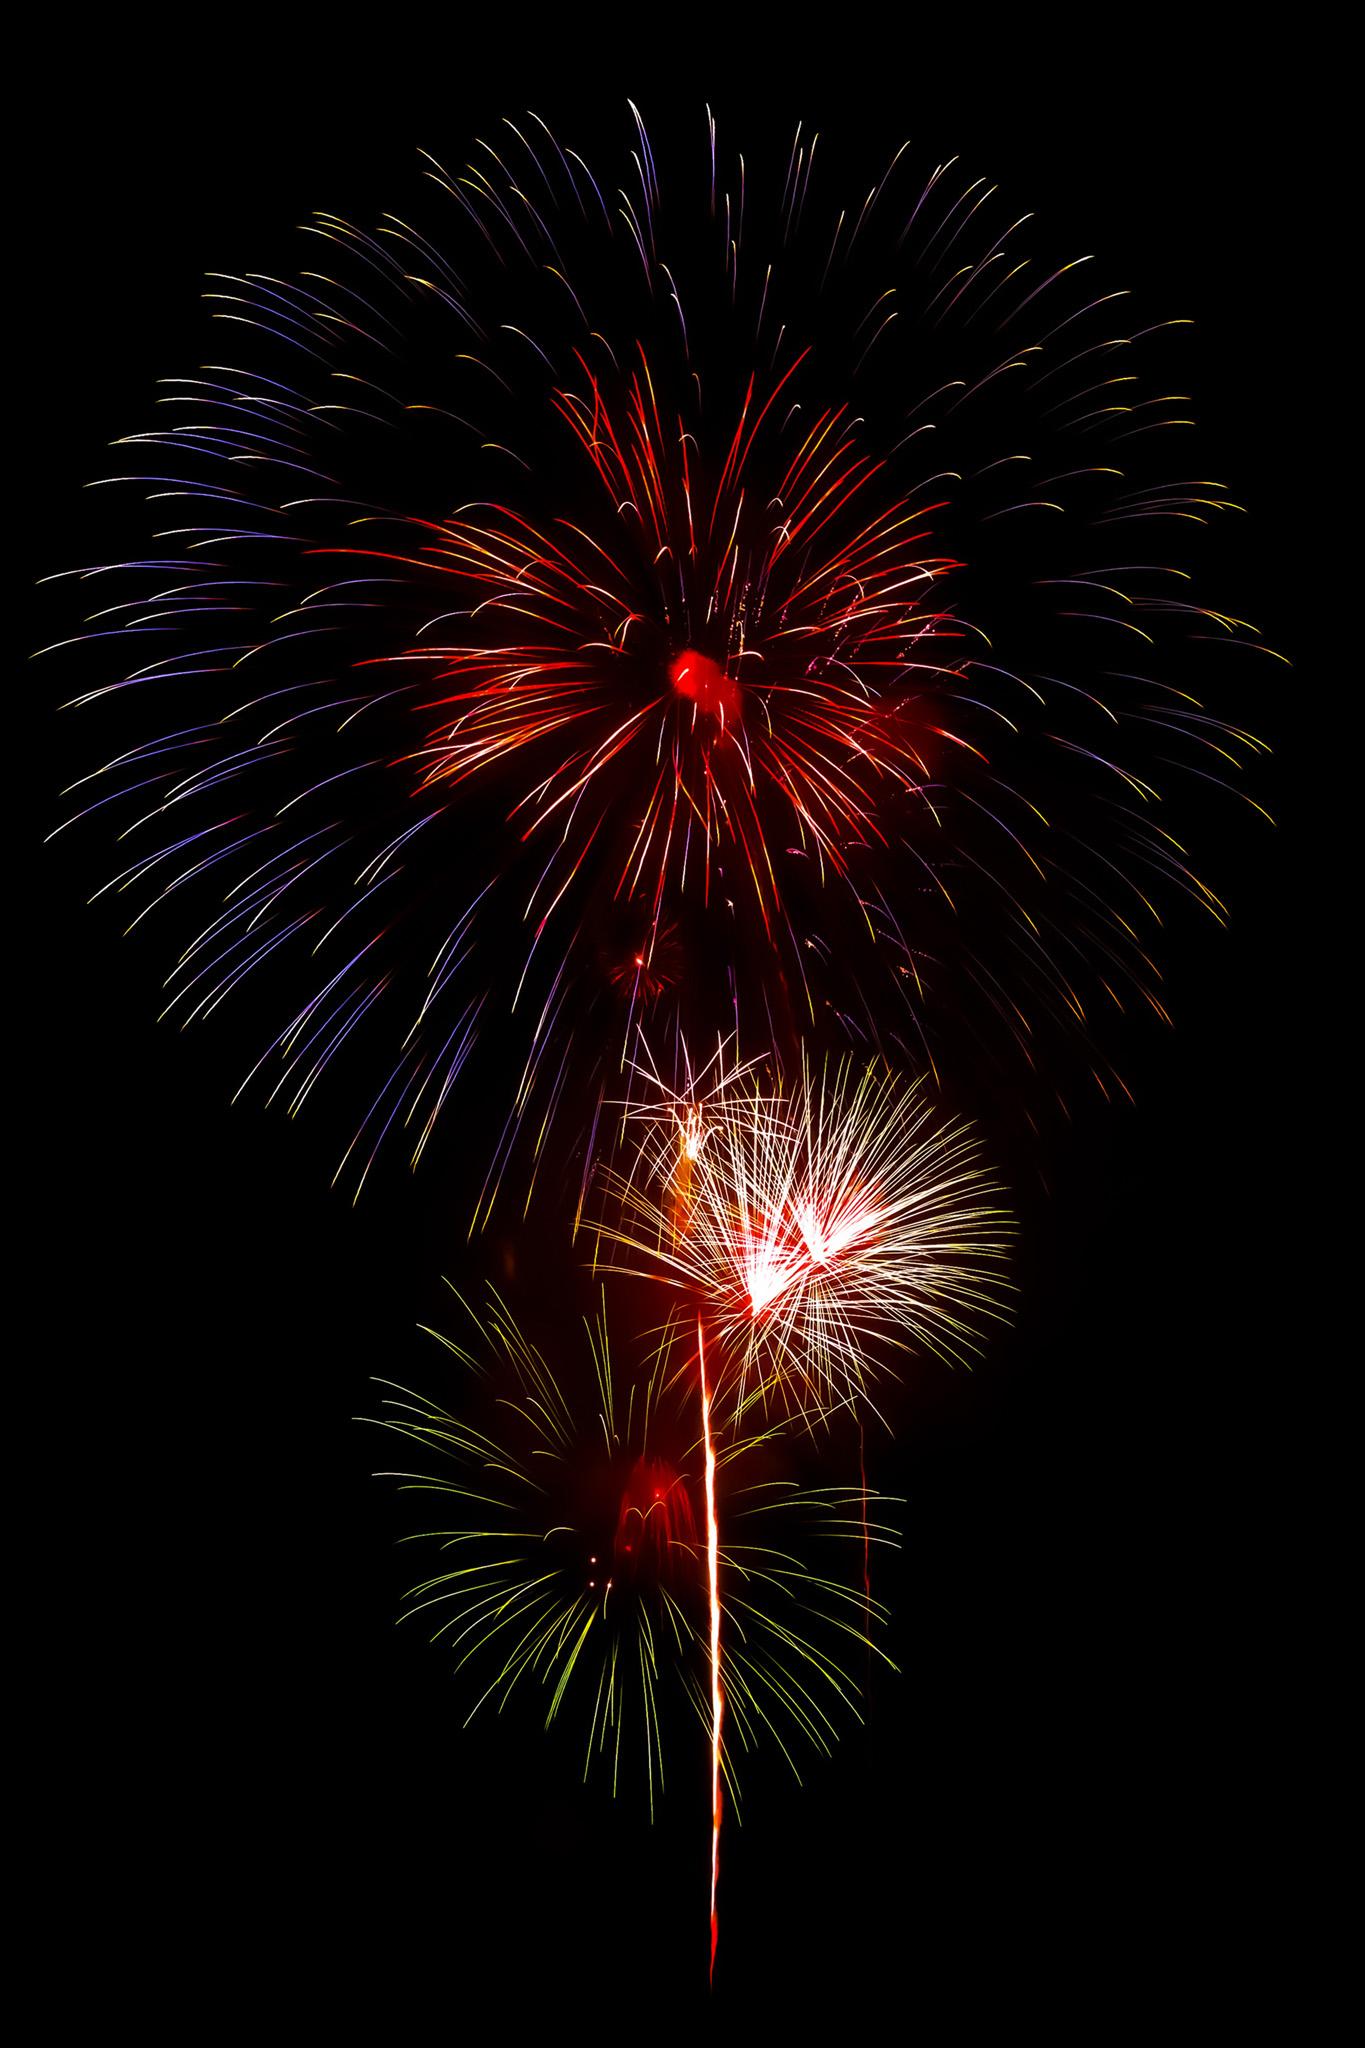 「輝く花火の撮影画像」のテクスチャを無料ダウンロード